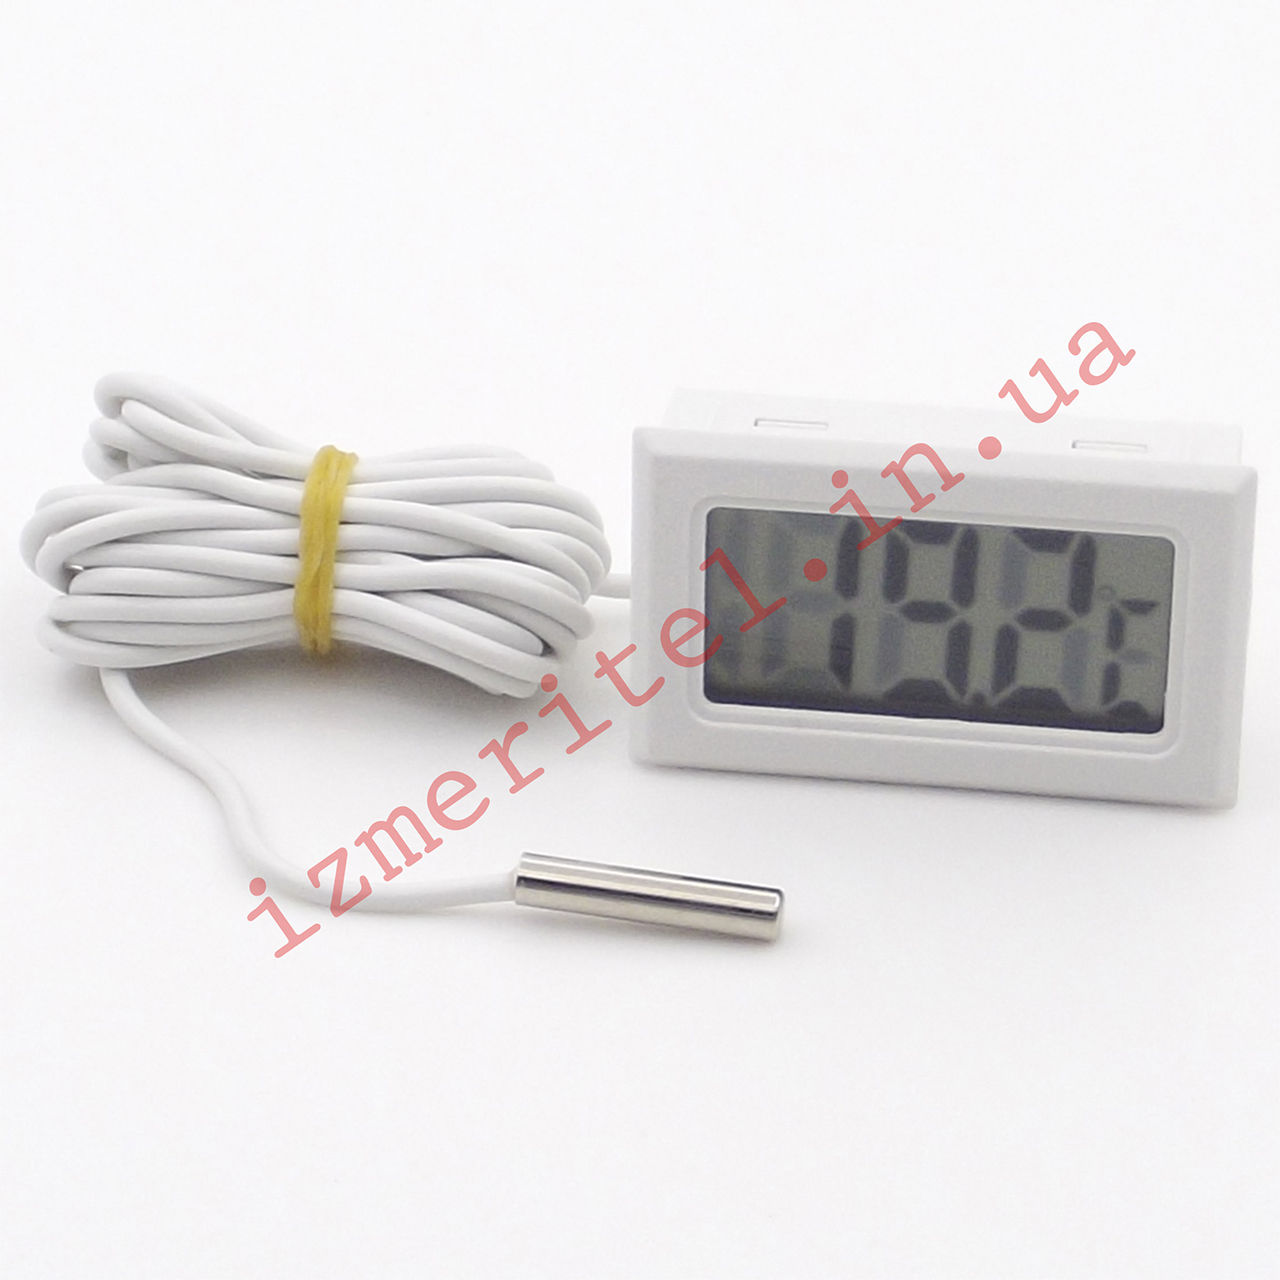 Цифровой термометр с выносным датчиком -50...+110 °С, 2 метра